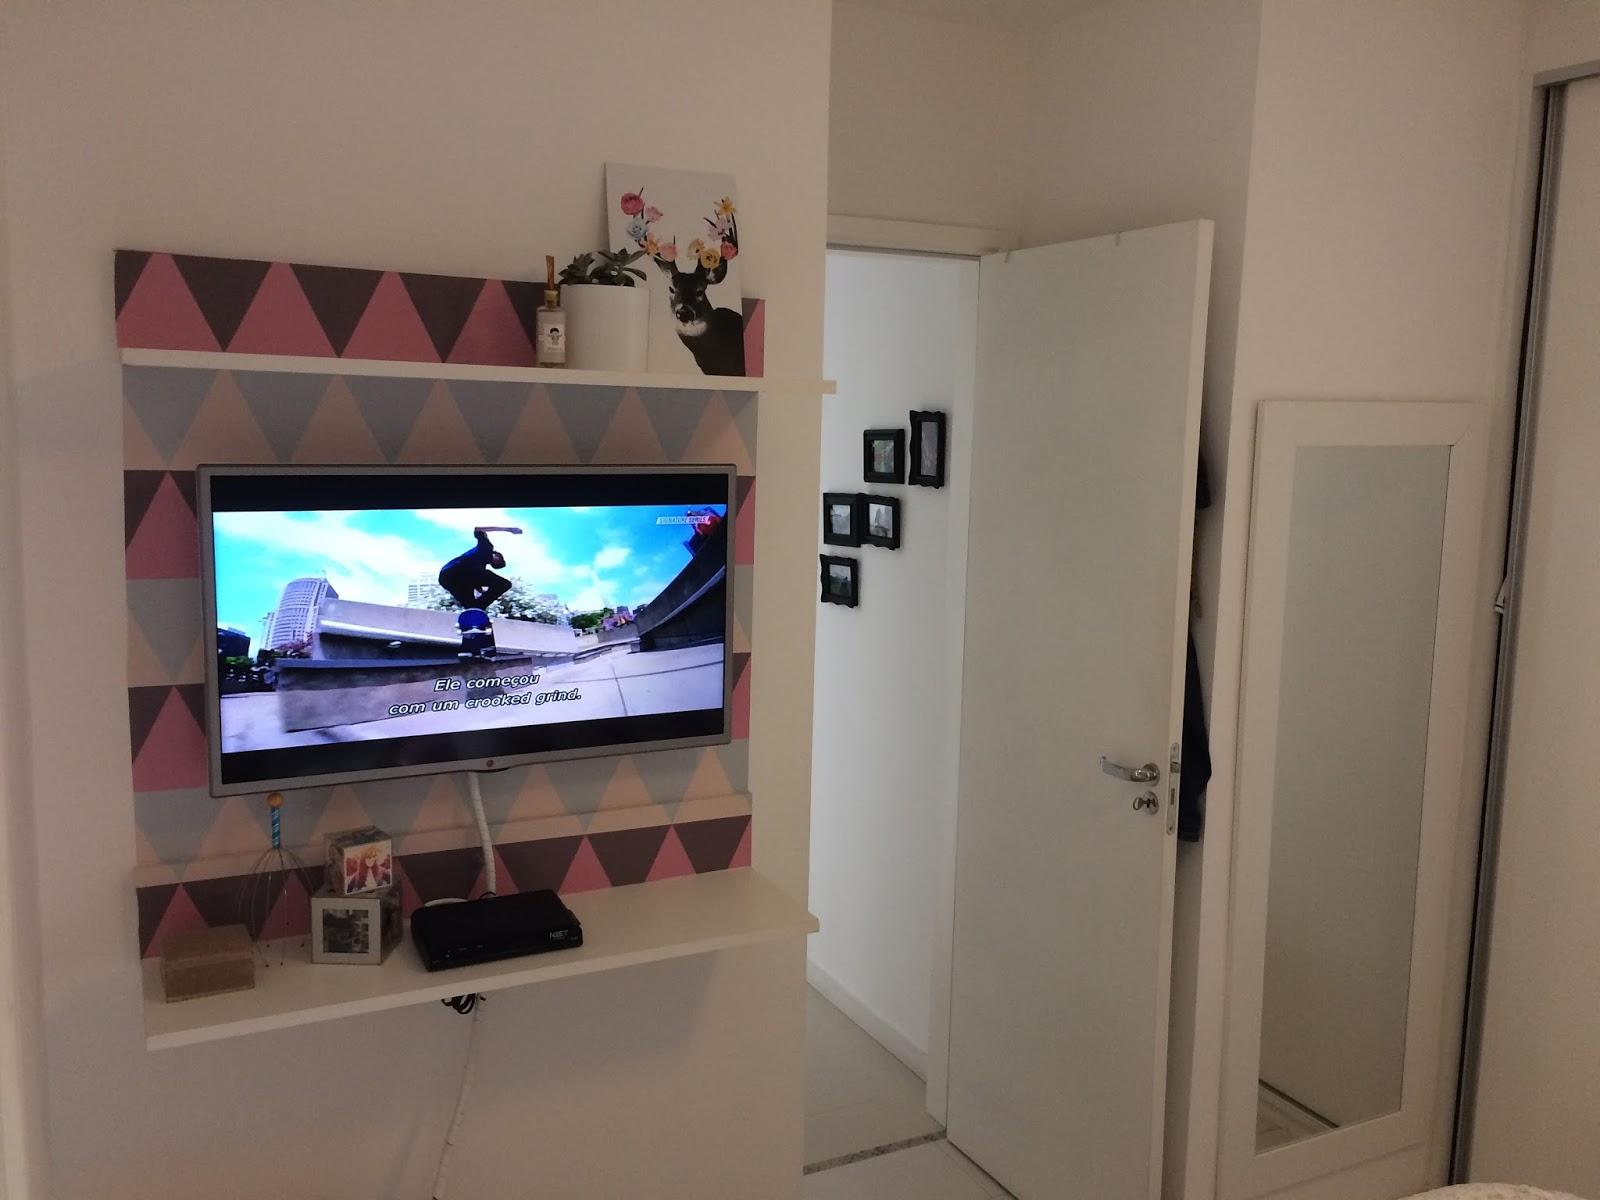 Painel Parede Decorao Inspirao Painel De Tv Com Papel De Parede  -> Adesivo Decorativo Na Parede De Tv